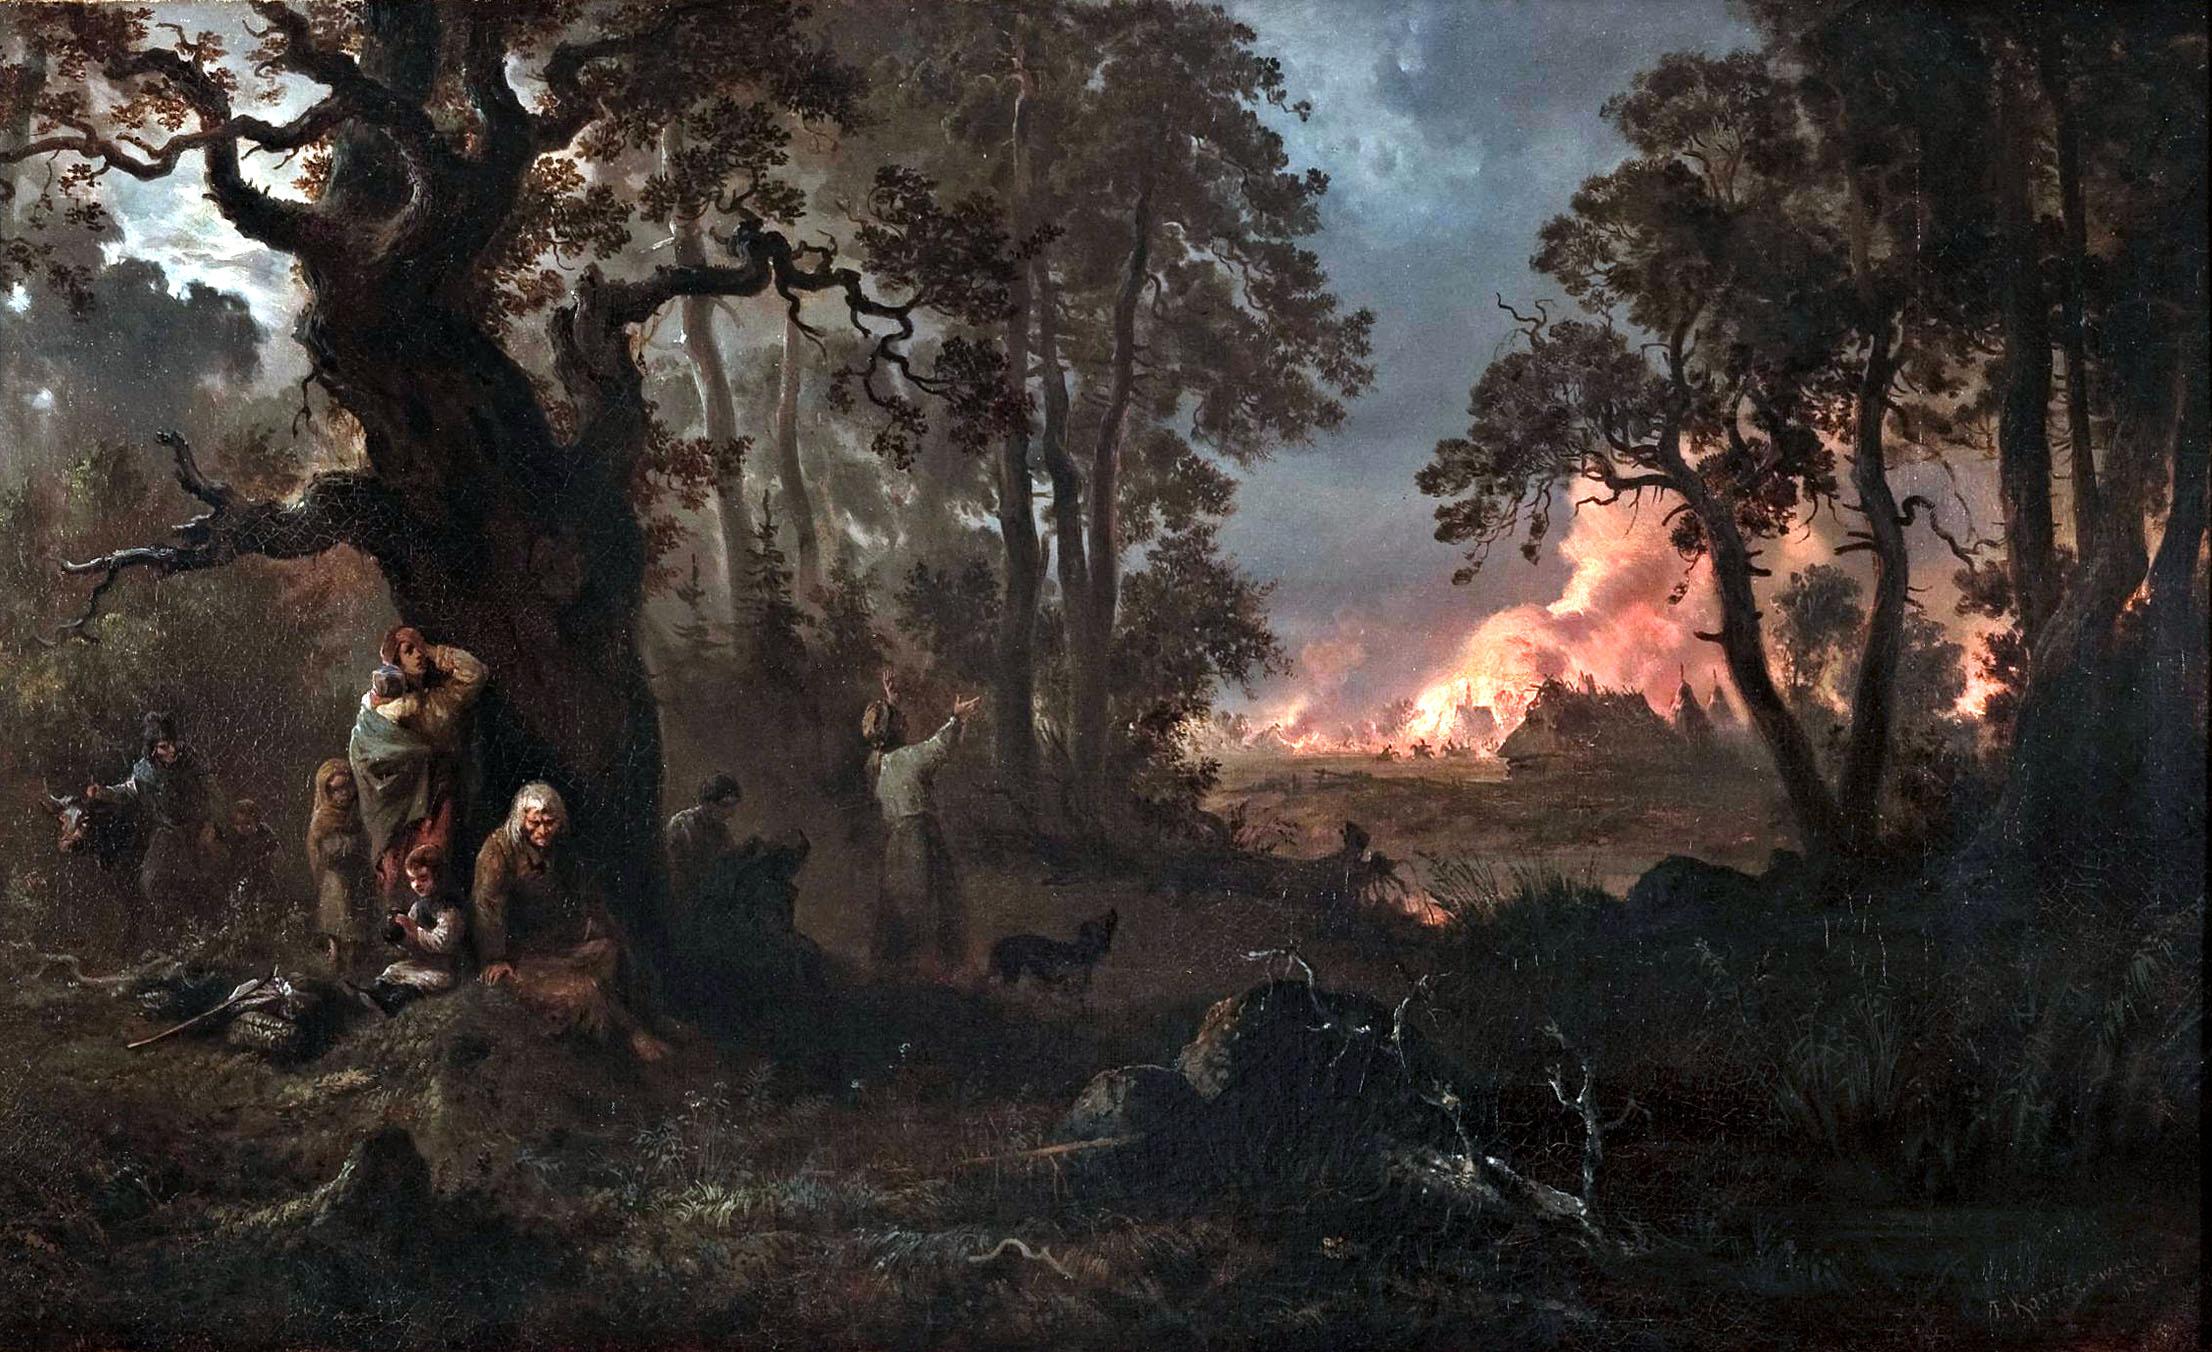 Att angripa och plundra civilbefolkningen för att sedan bränna deras gårdar var vanligt i krigföringen och gjordes även av karolinerna i Ryssland och Polen. Byn brinner – Pozar wsi, målning från 1862 av Franciszek Kostrzewski.